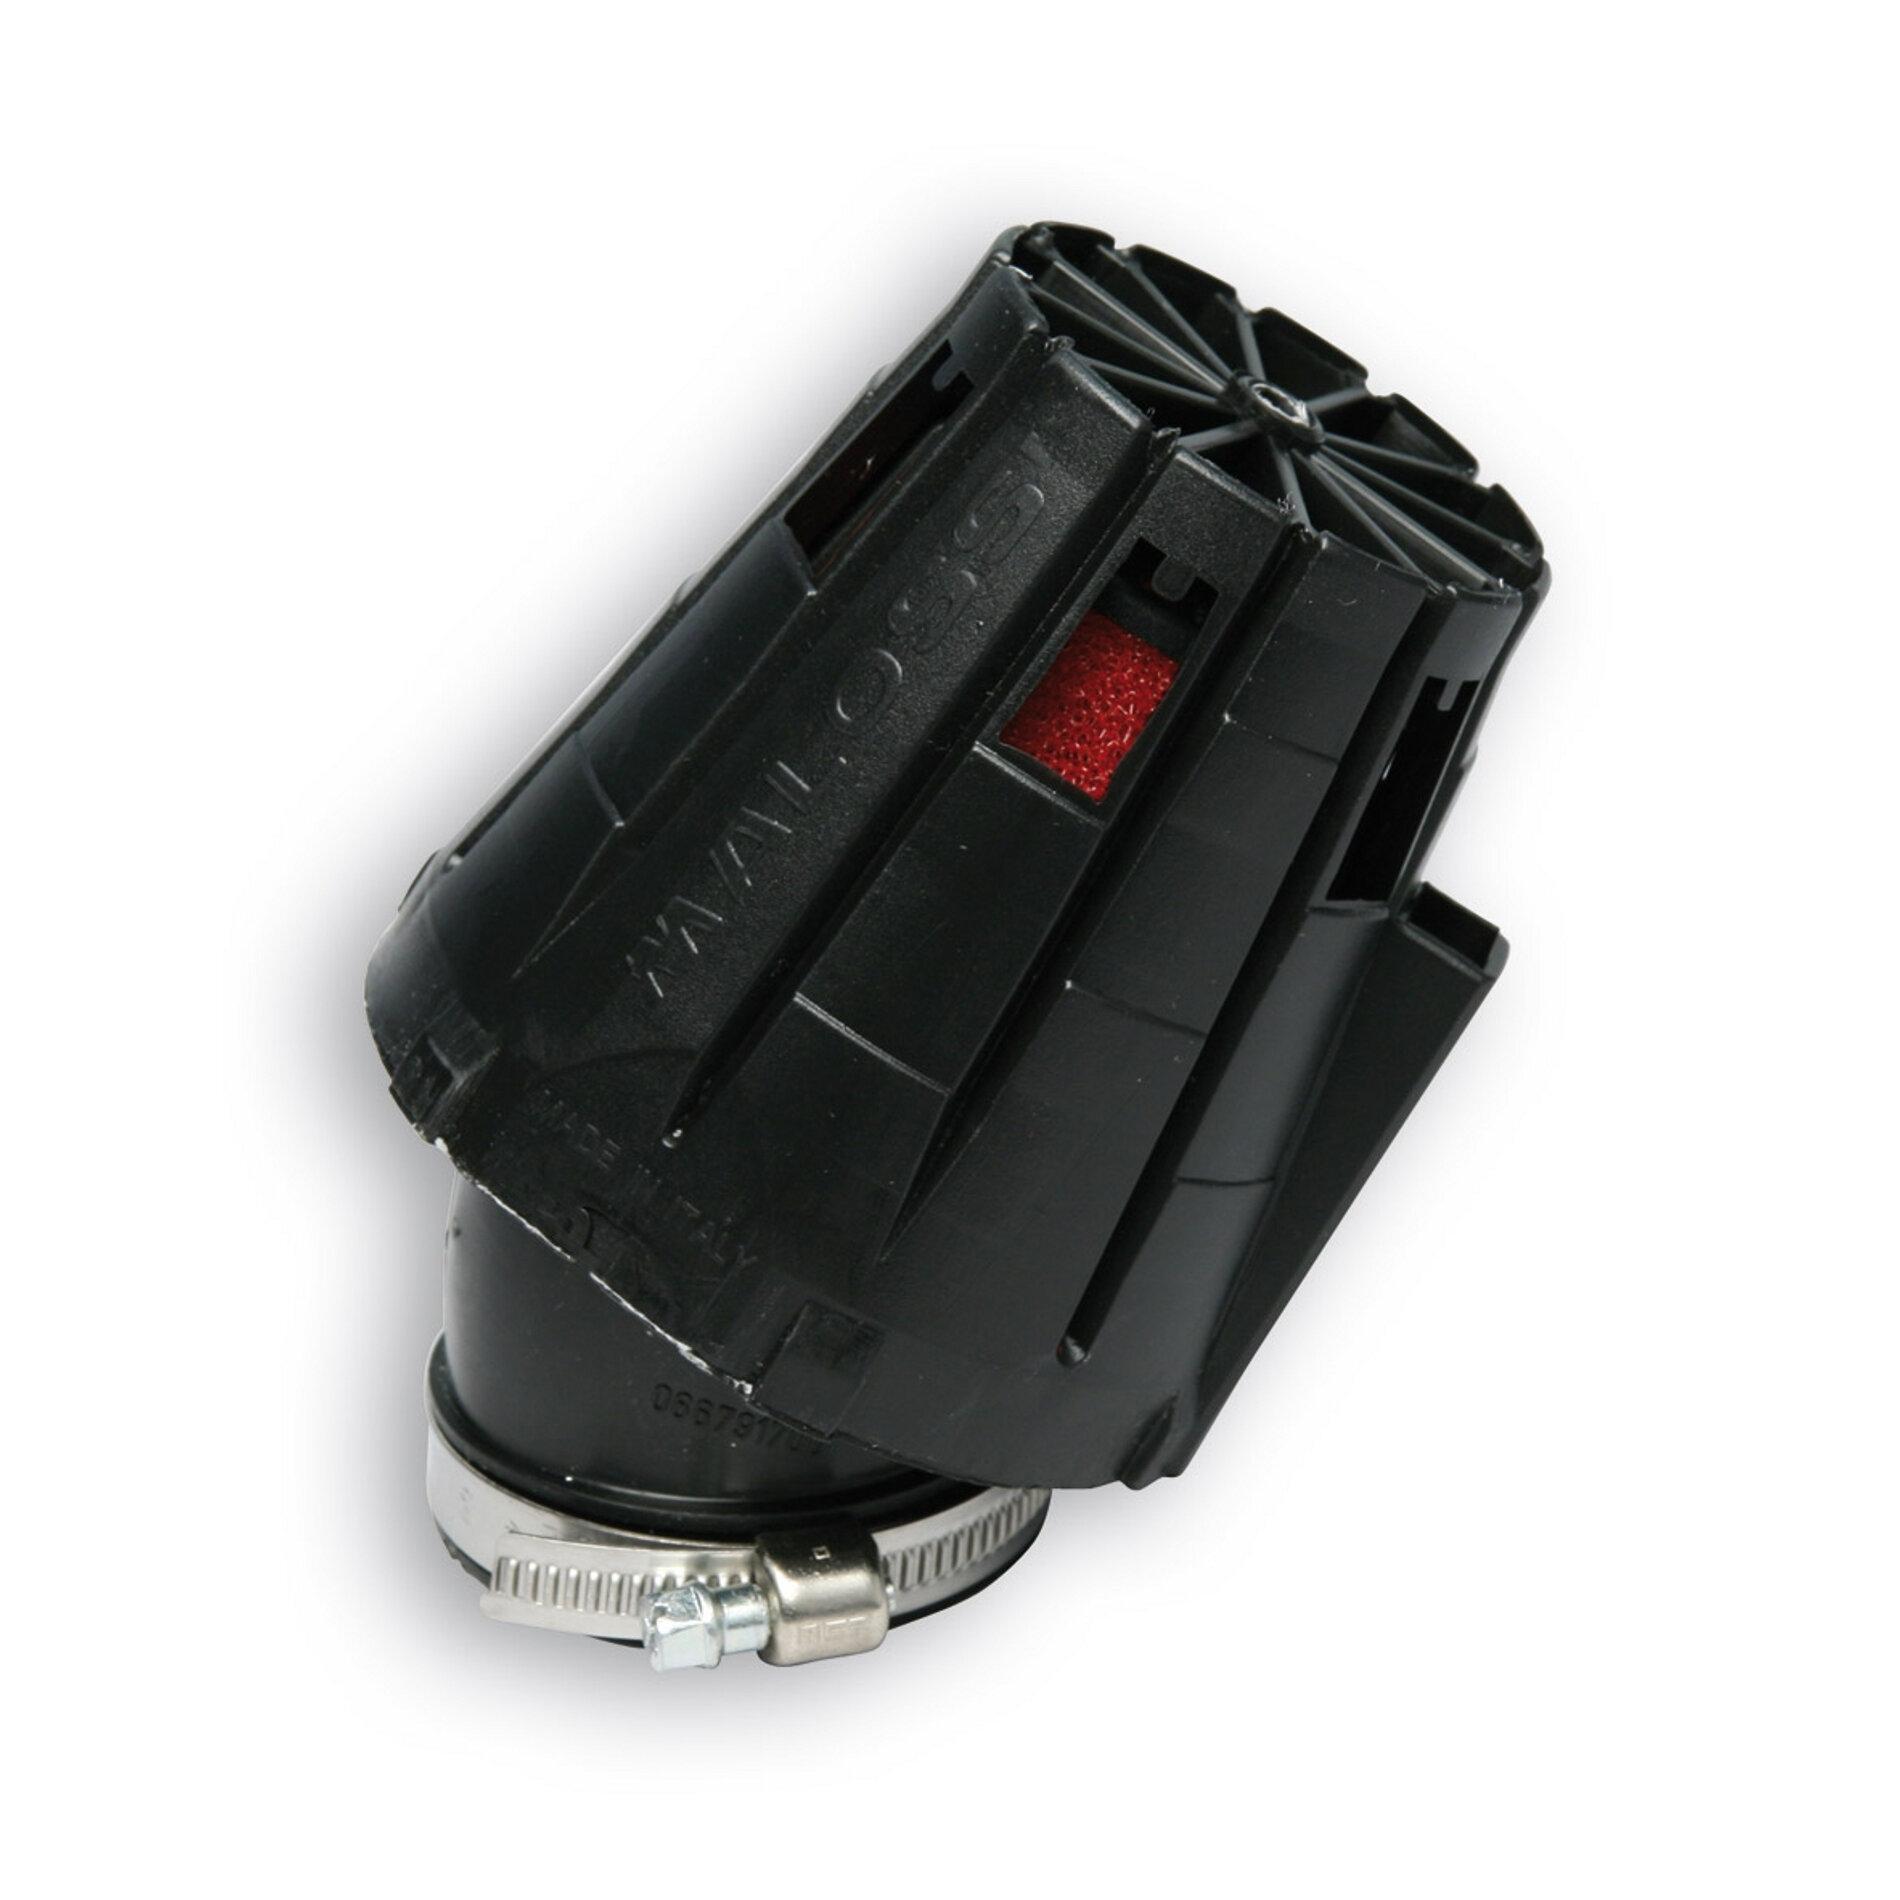 Filtre à air Malossi Red Filter E5 D.48 incliné 30 couvercle noir